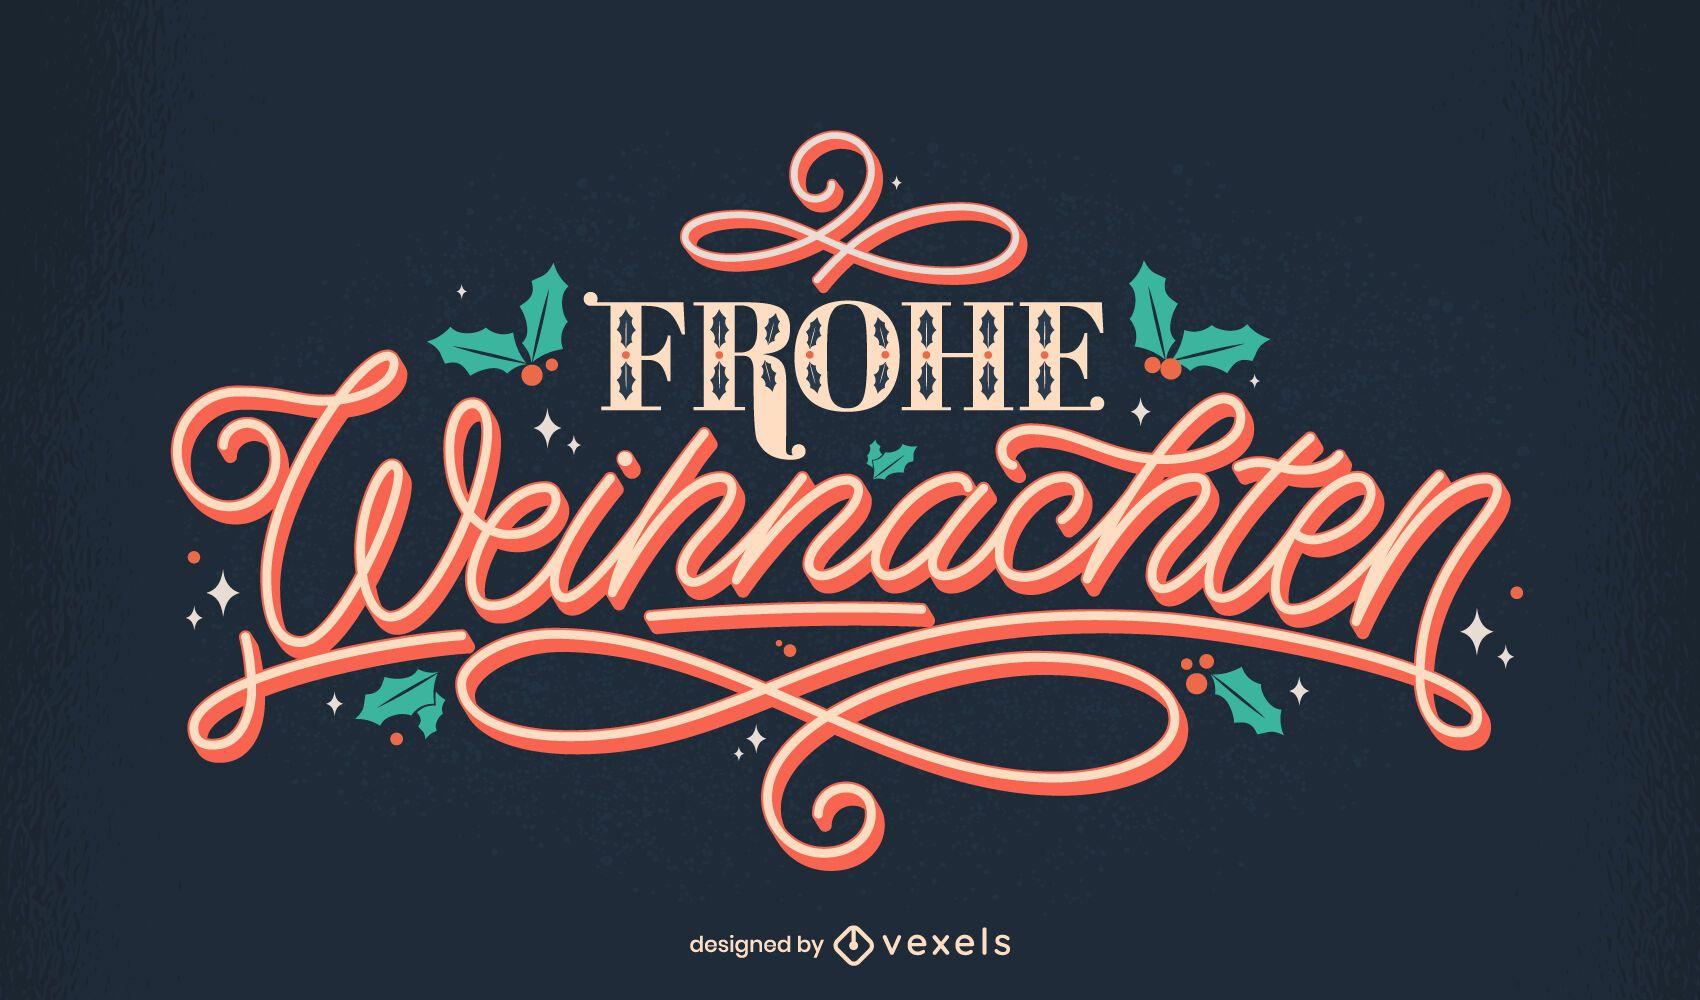 Feliz navidad dise?o de letras alemanas